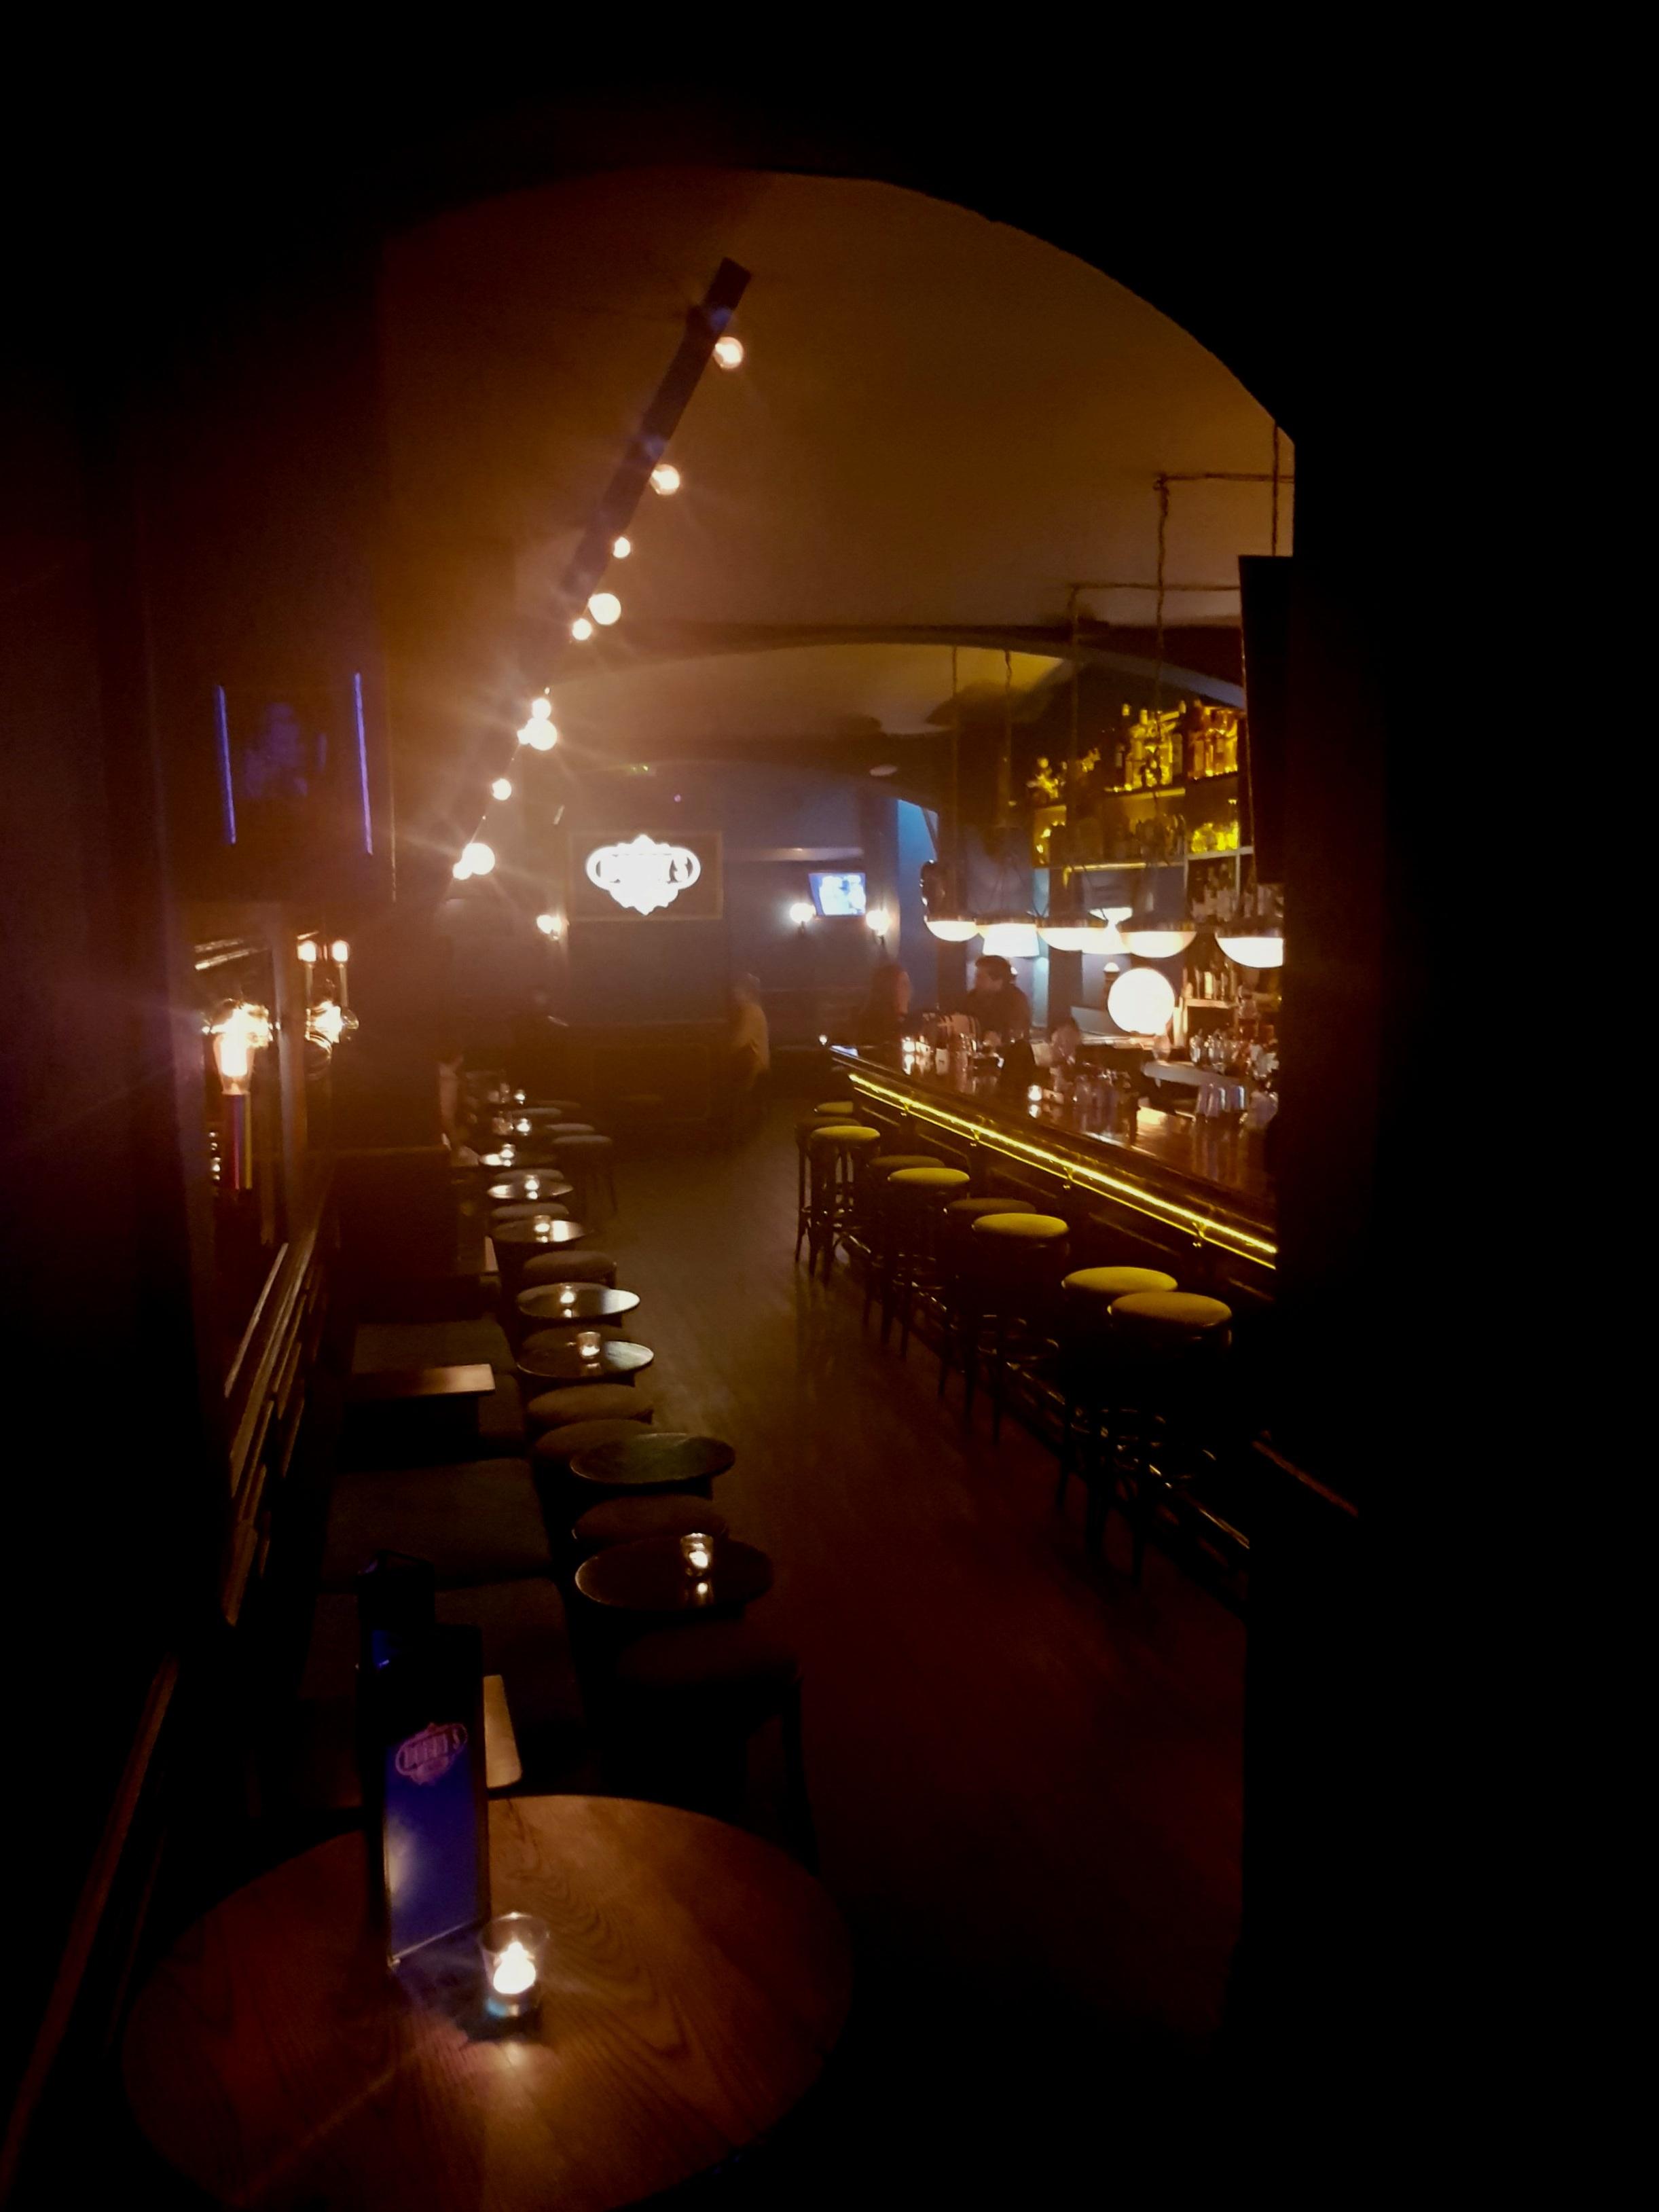 Sala principal. La luz tenue del local nos dificulta sacar buenas fotos, pero aporta la realidad del lugar.